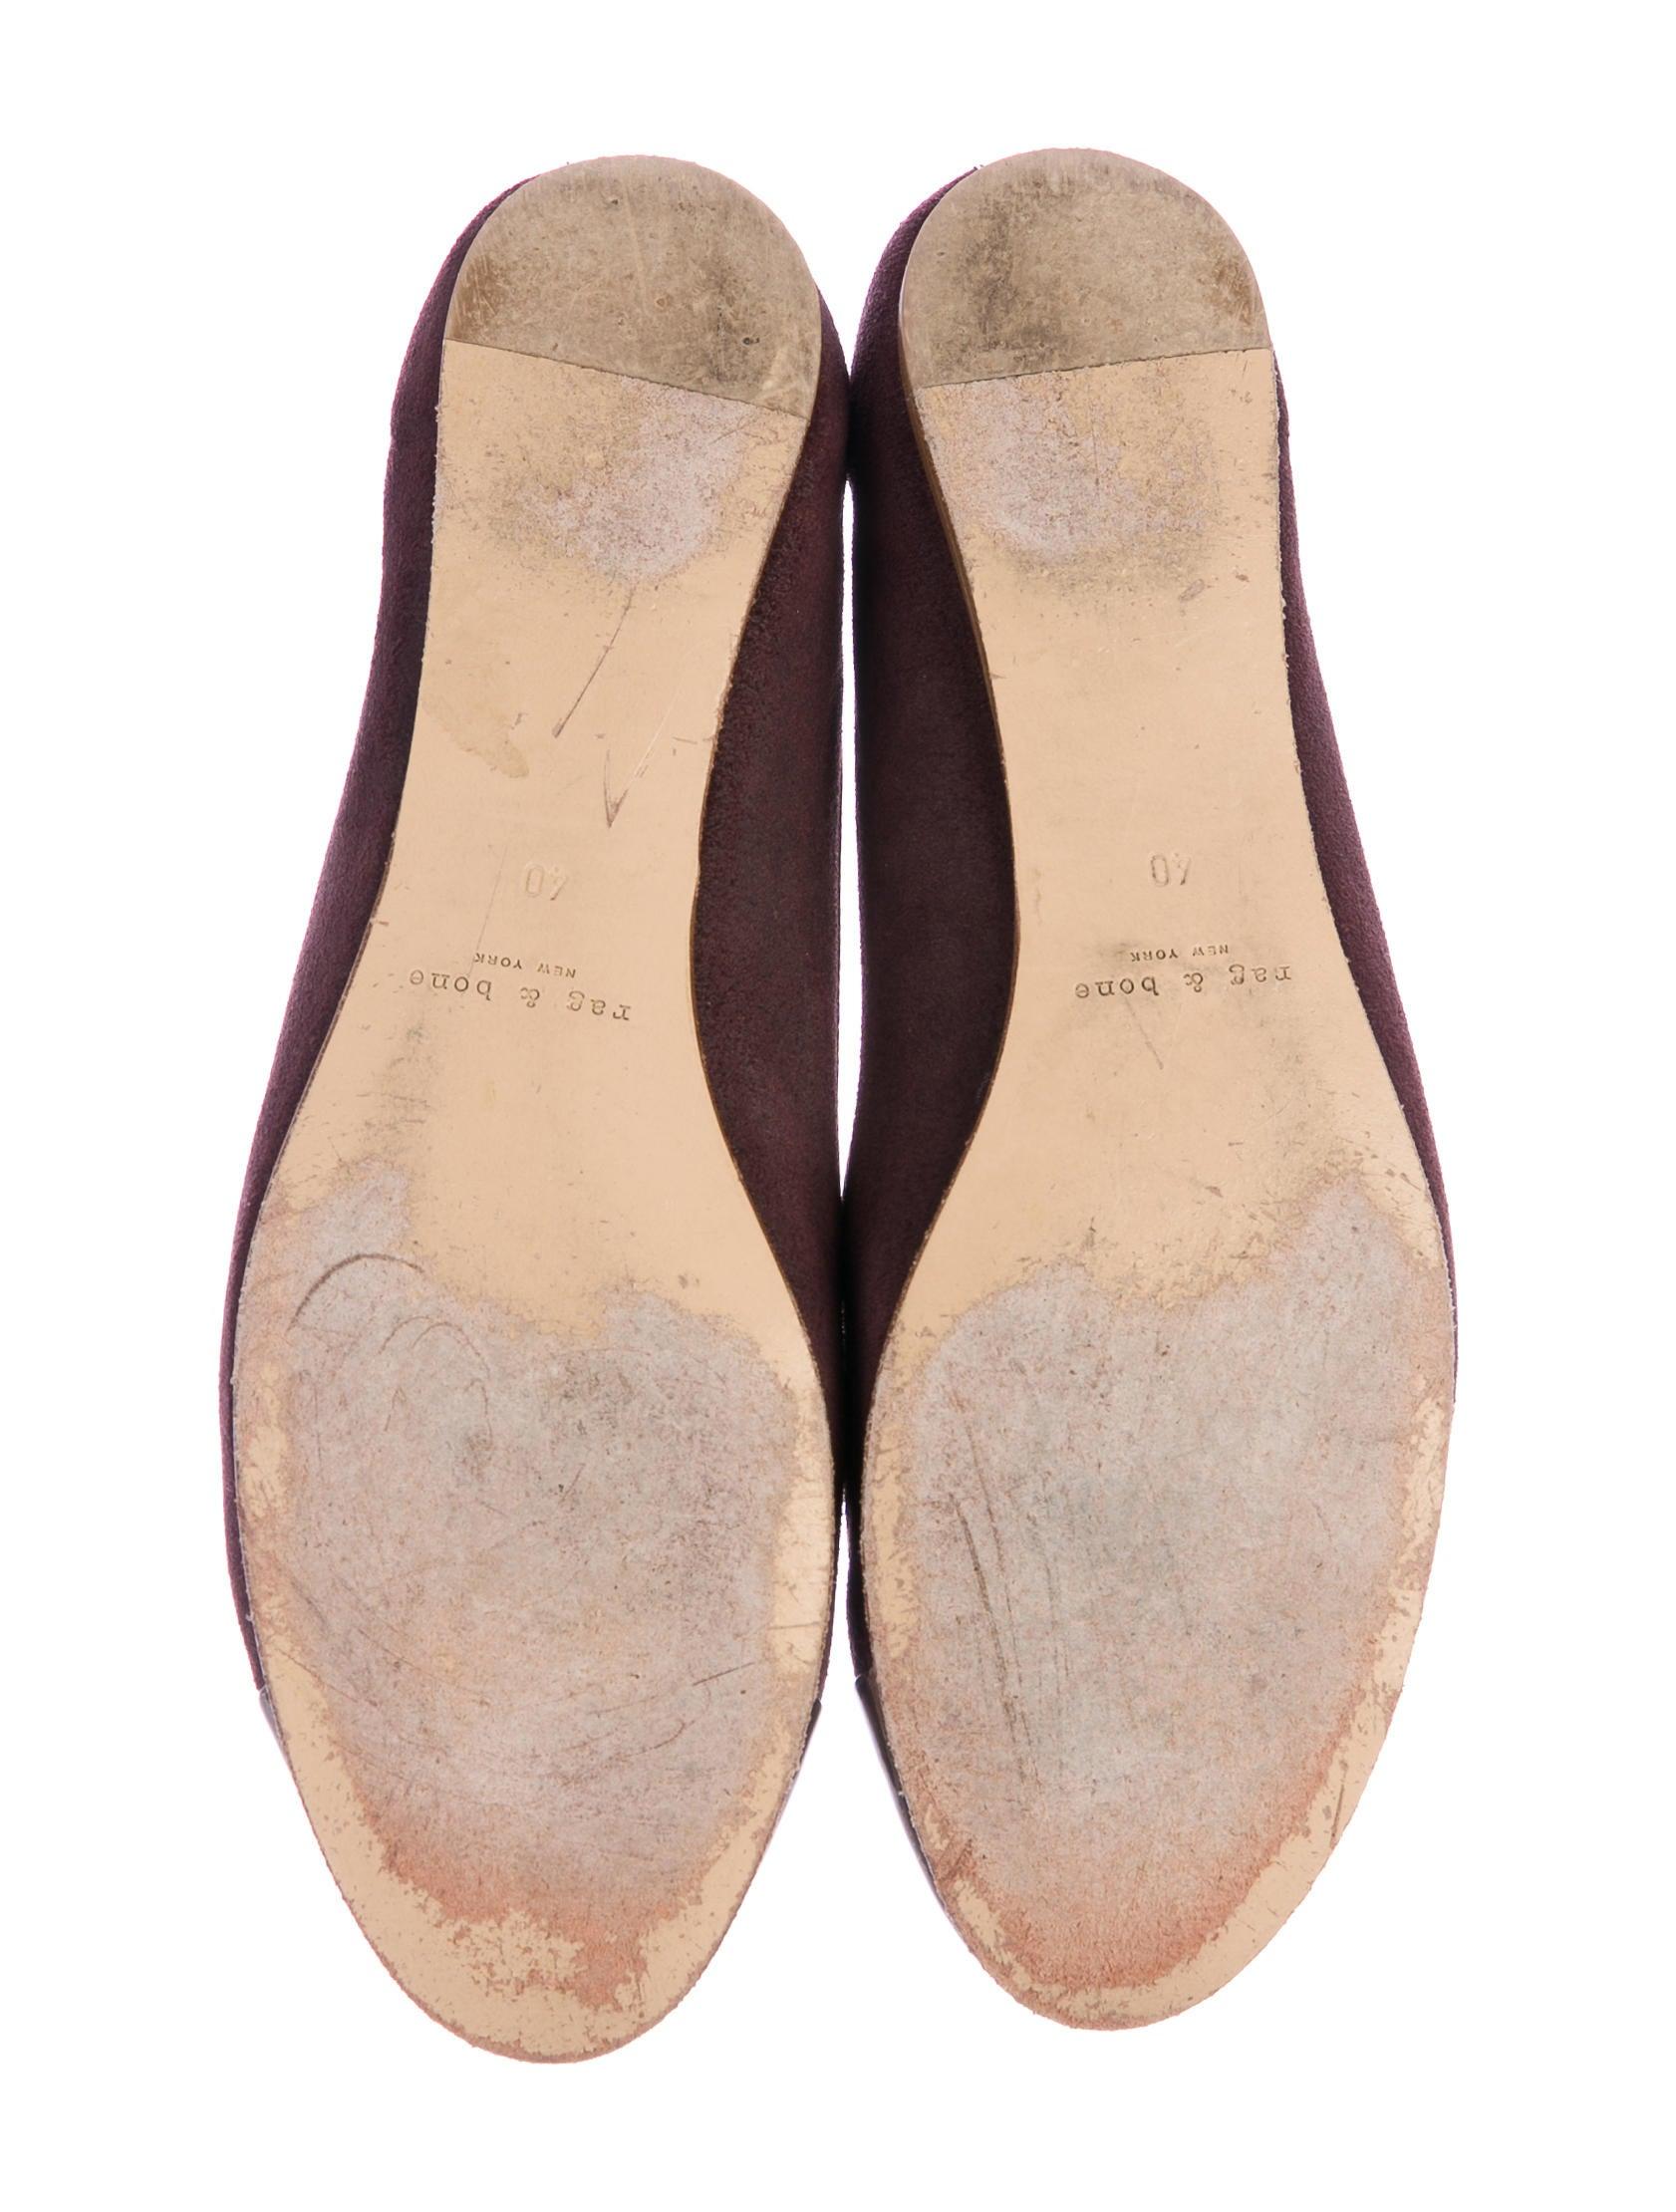 Rag & Bone Suede Cap-Toe Flats cheap get authentic 2014 newest online P8InC